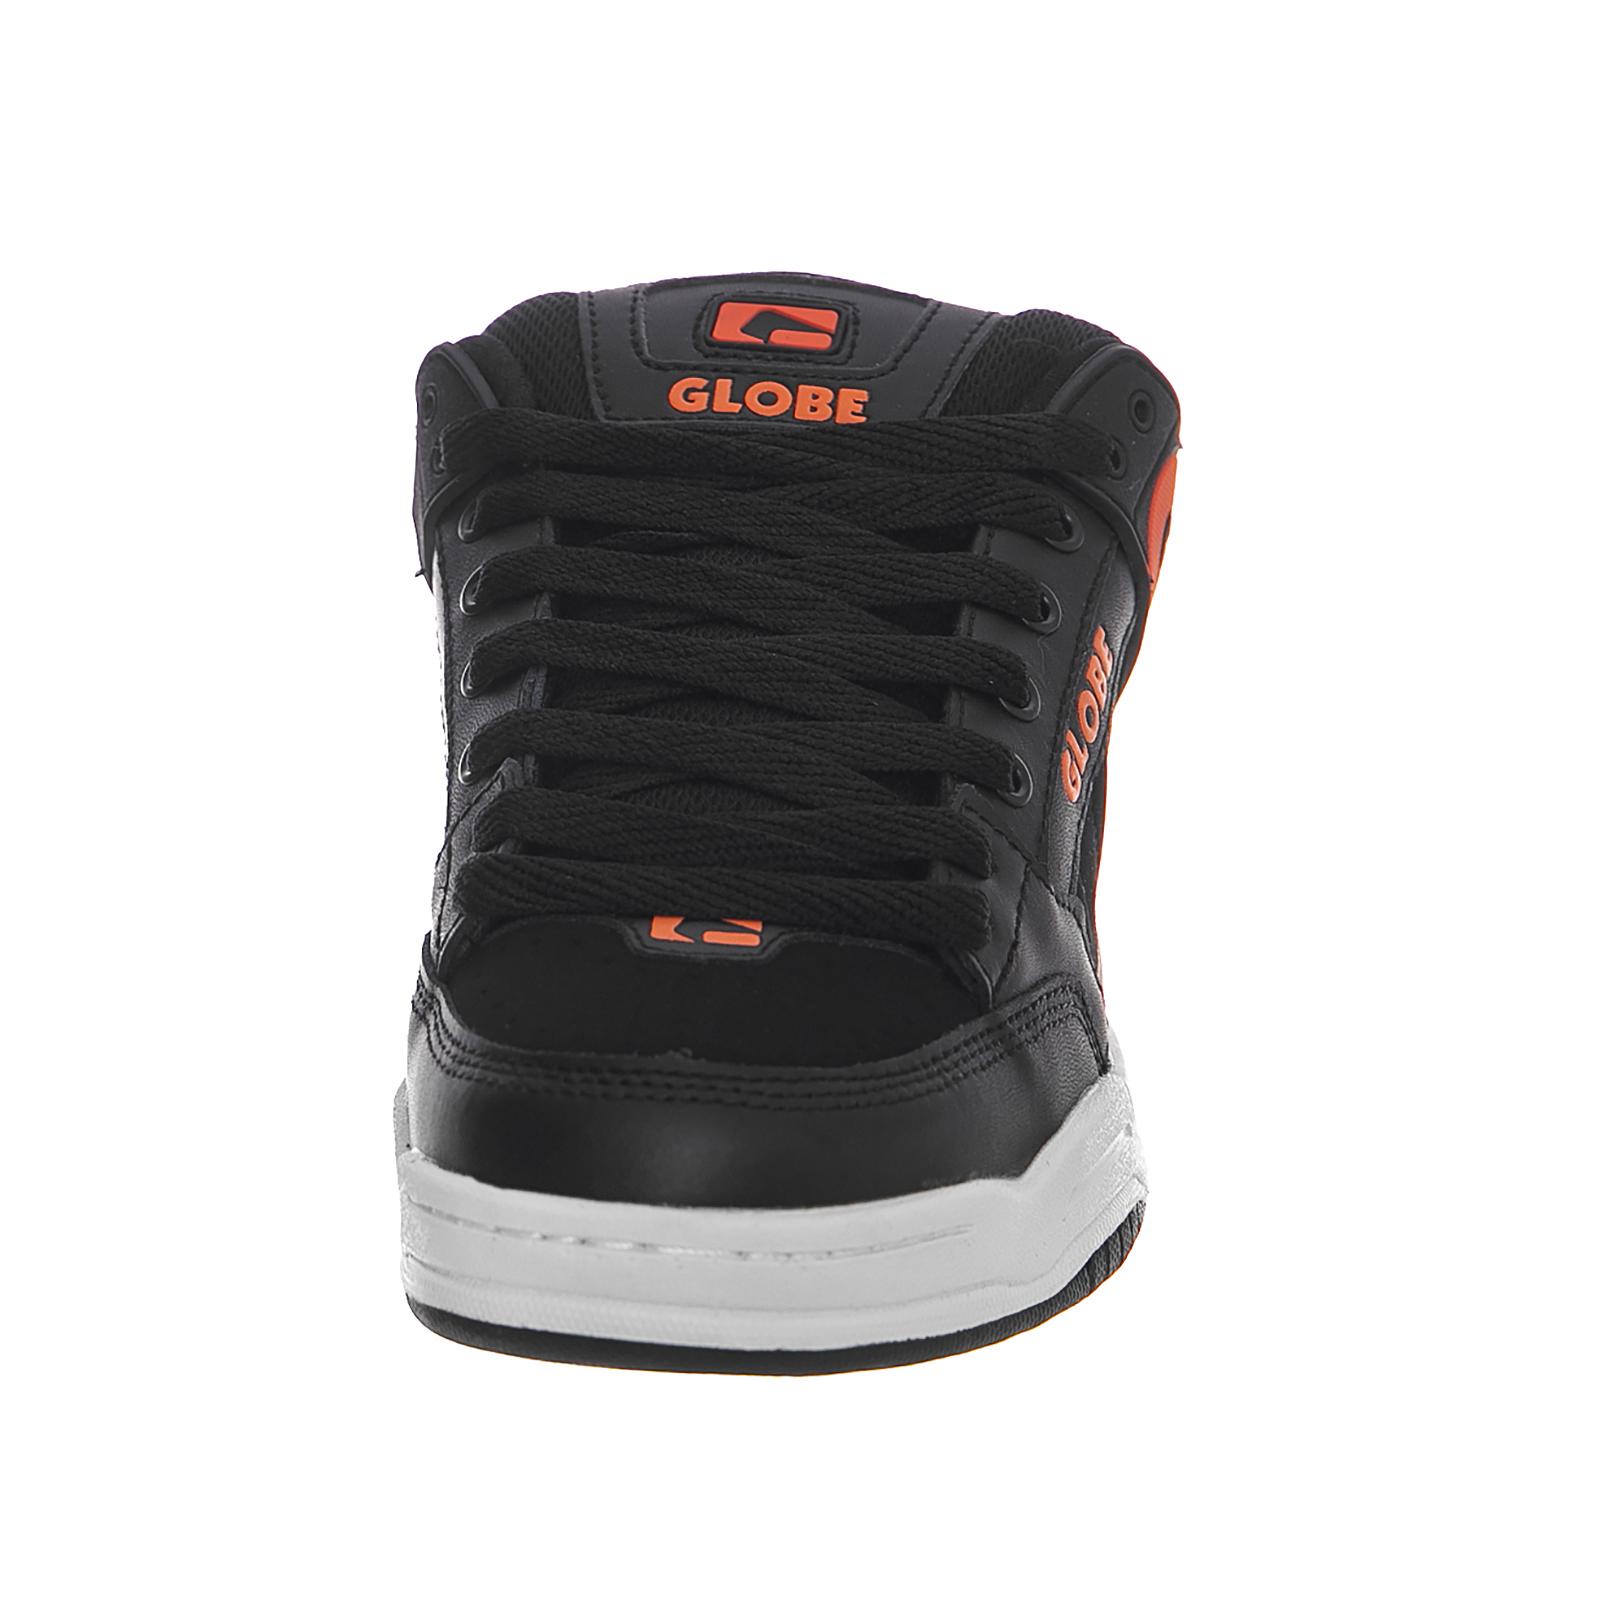 Globe Globe Globe Sneakers Tilt Black Spicy orange black 338d50